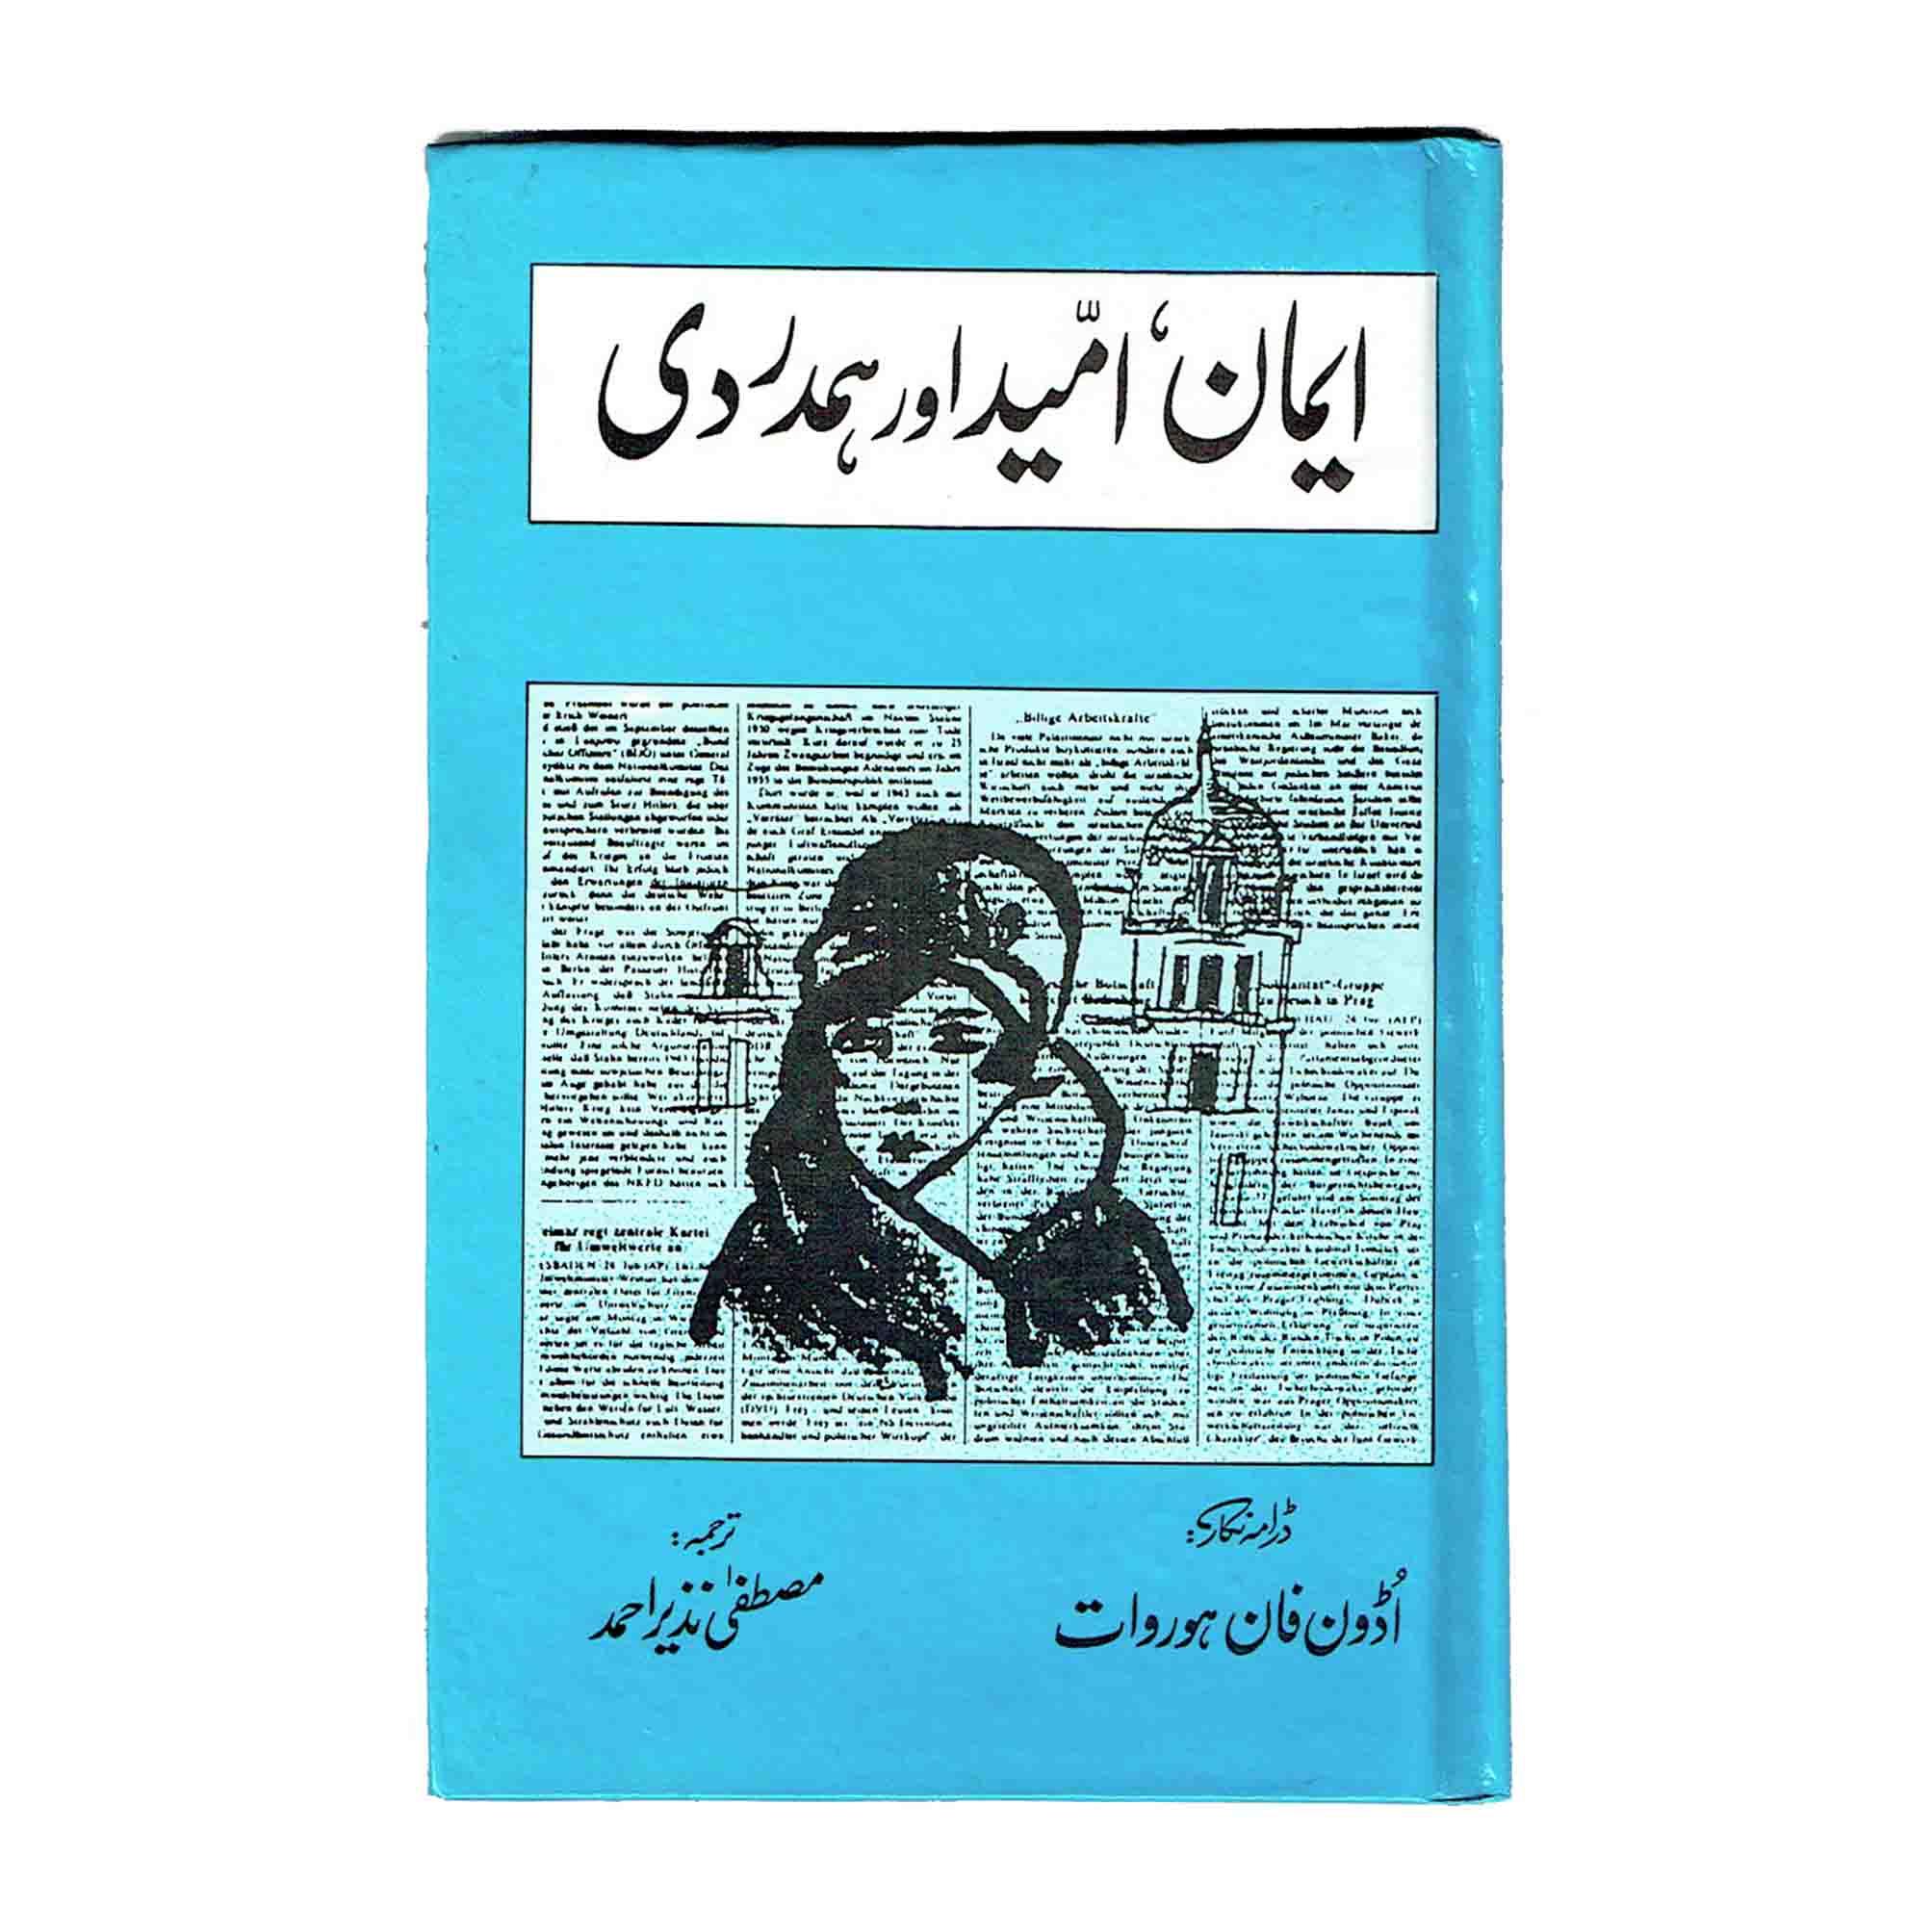 5935-Horvath-Glaube-Liebe-Hoffnung-Urdu-1996-Einband-recto-frei-N.jpg